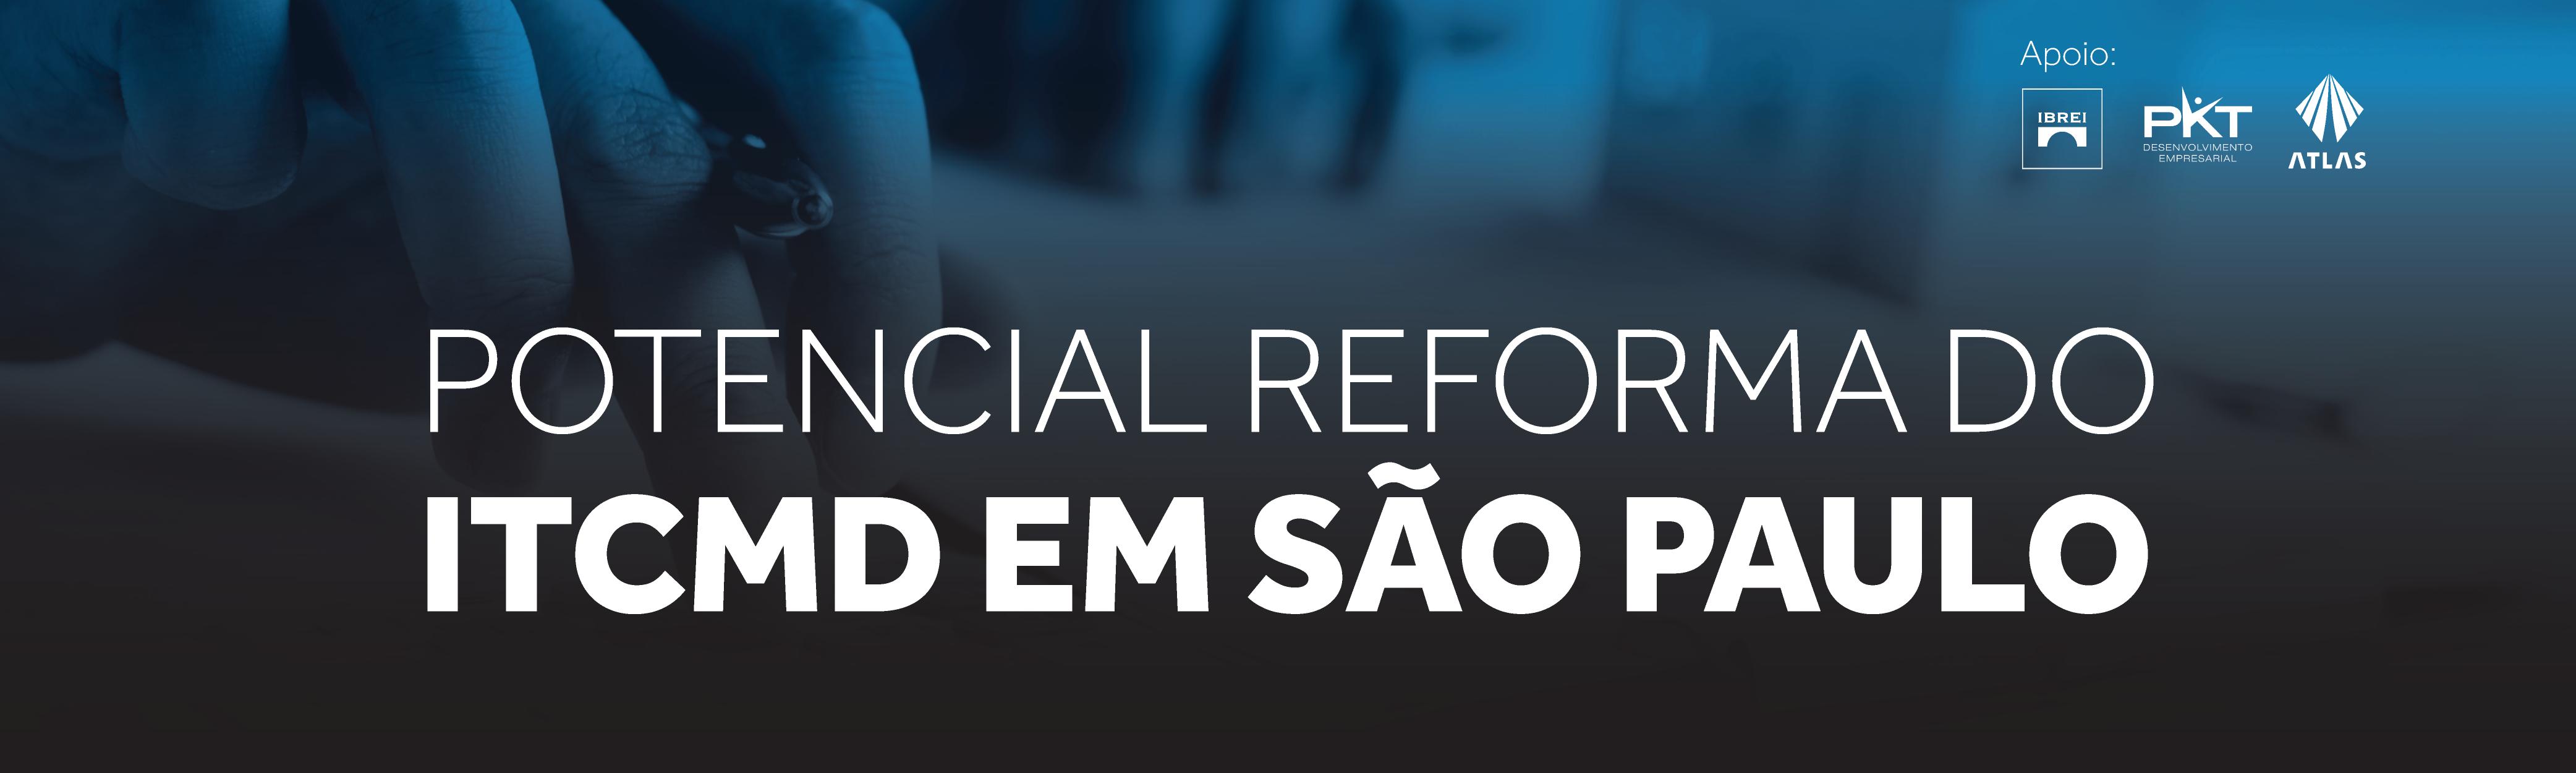 POTENCIAL REFORMA DO ITCMD EM SÃO PAULO